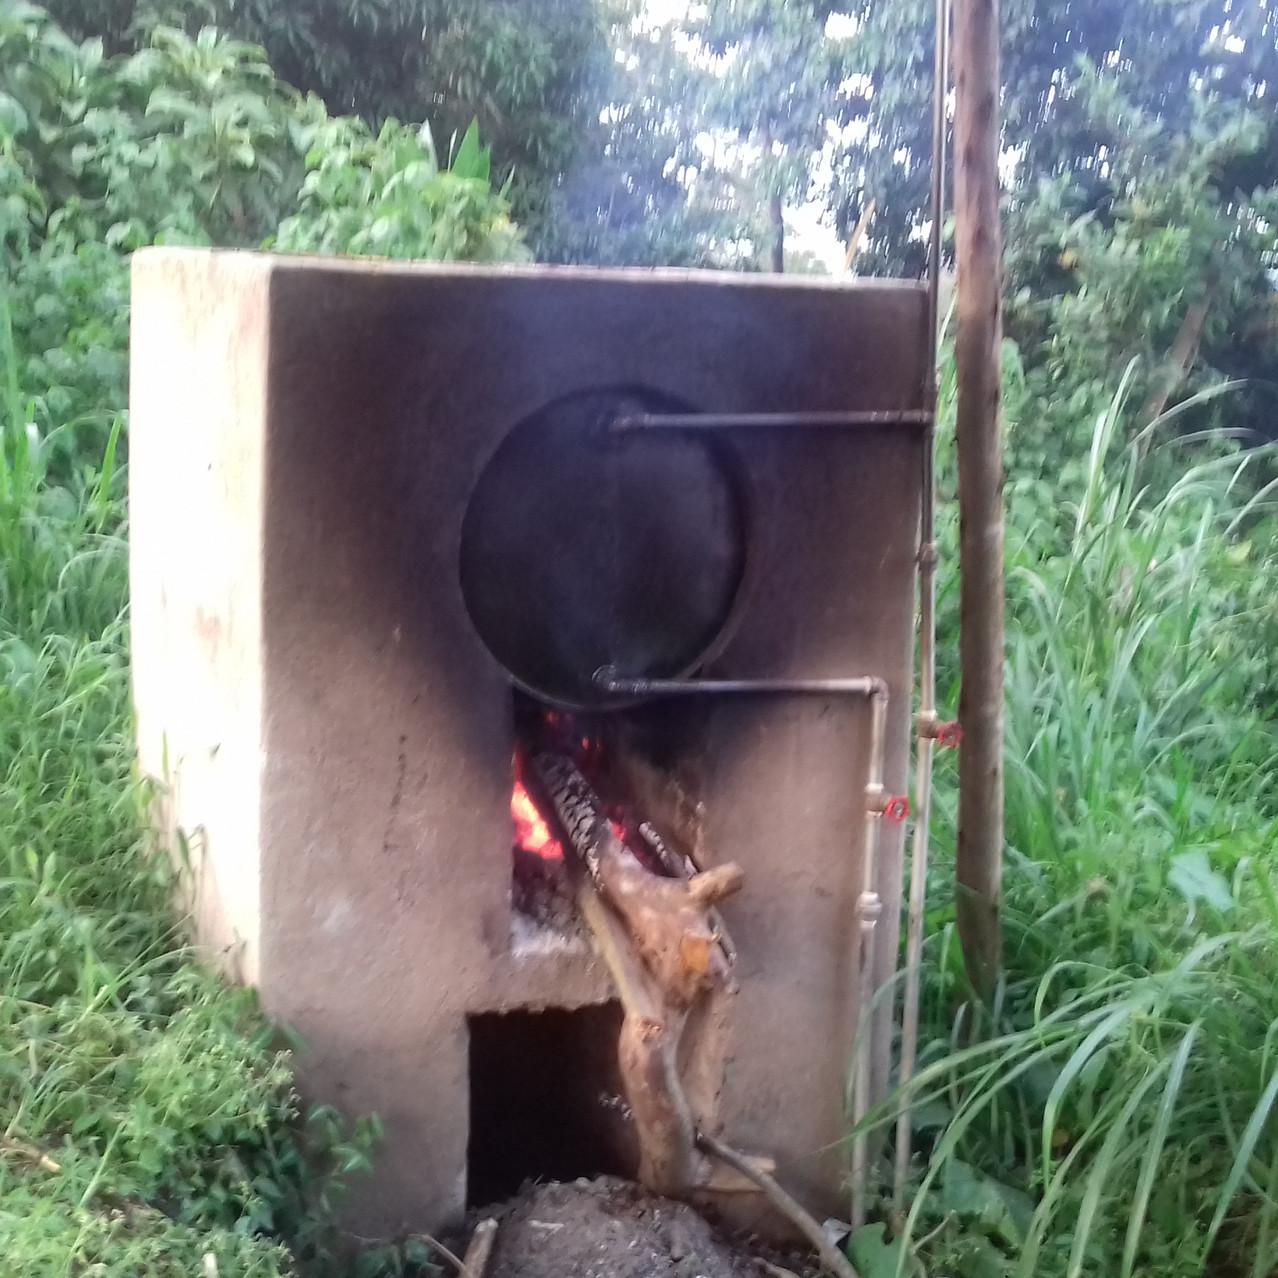 le chauffe-eau rustique